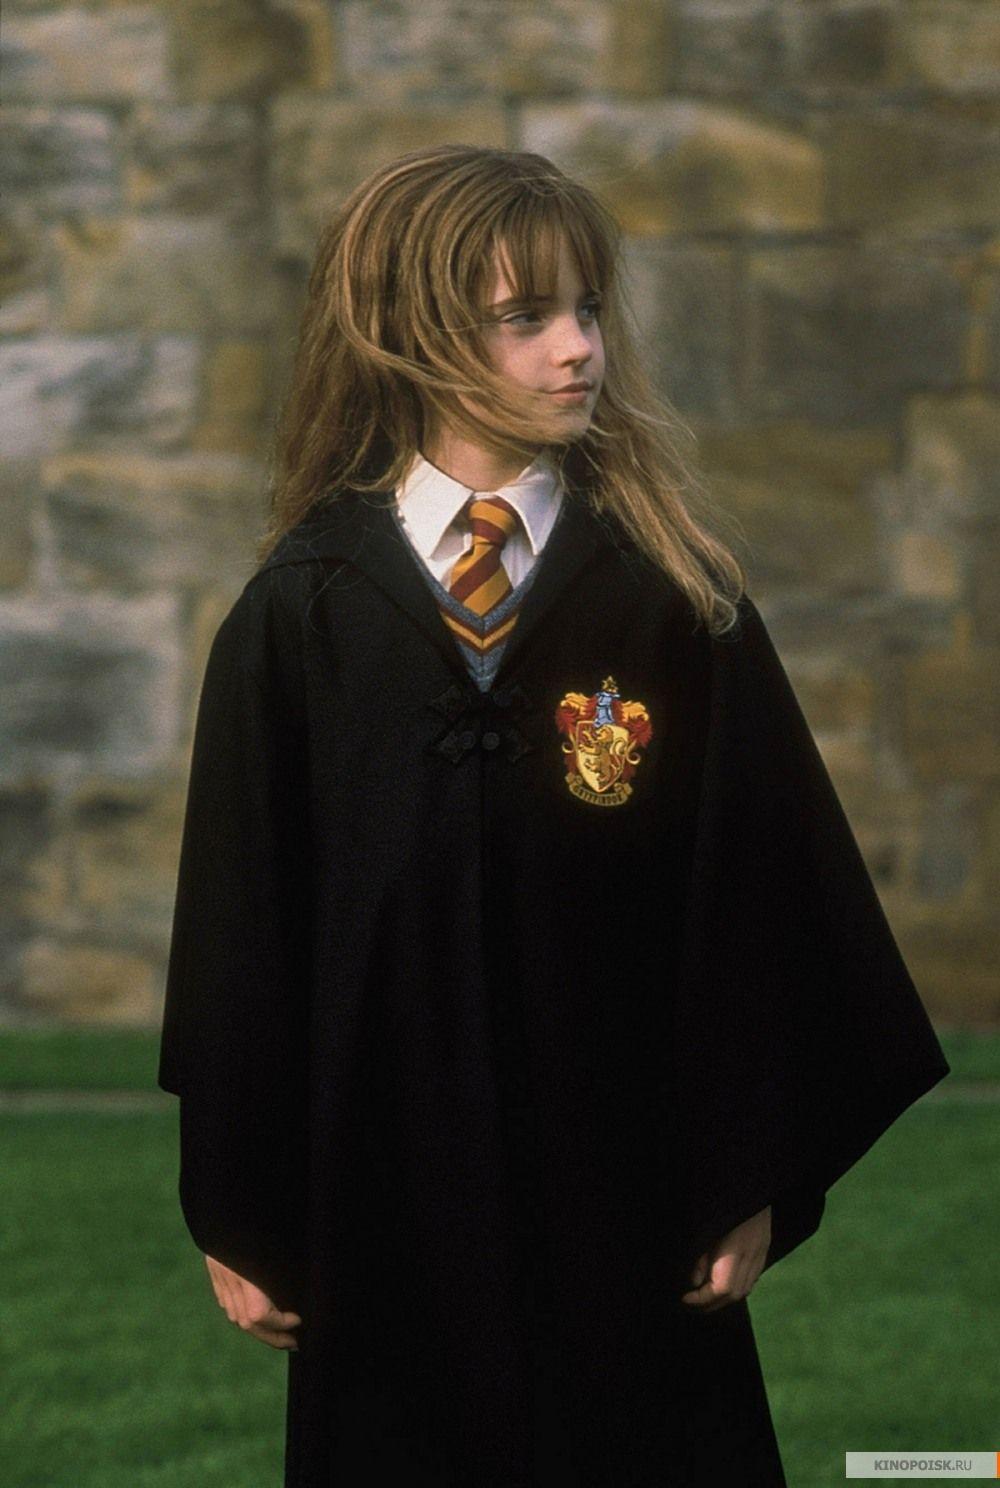 Фото: Гарри Поттер и философский камень / Кадр из фильма ...